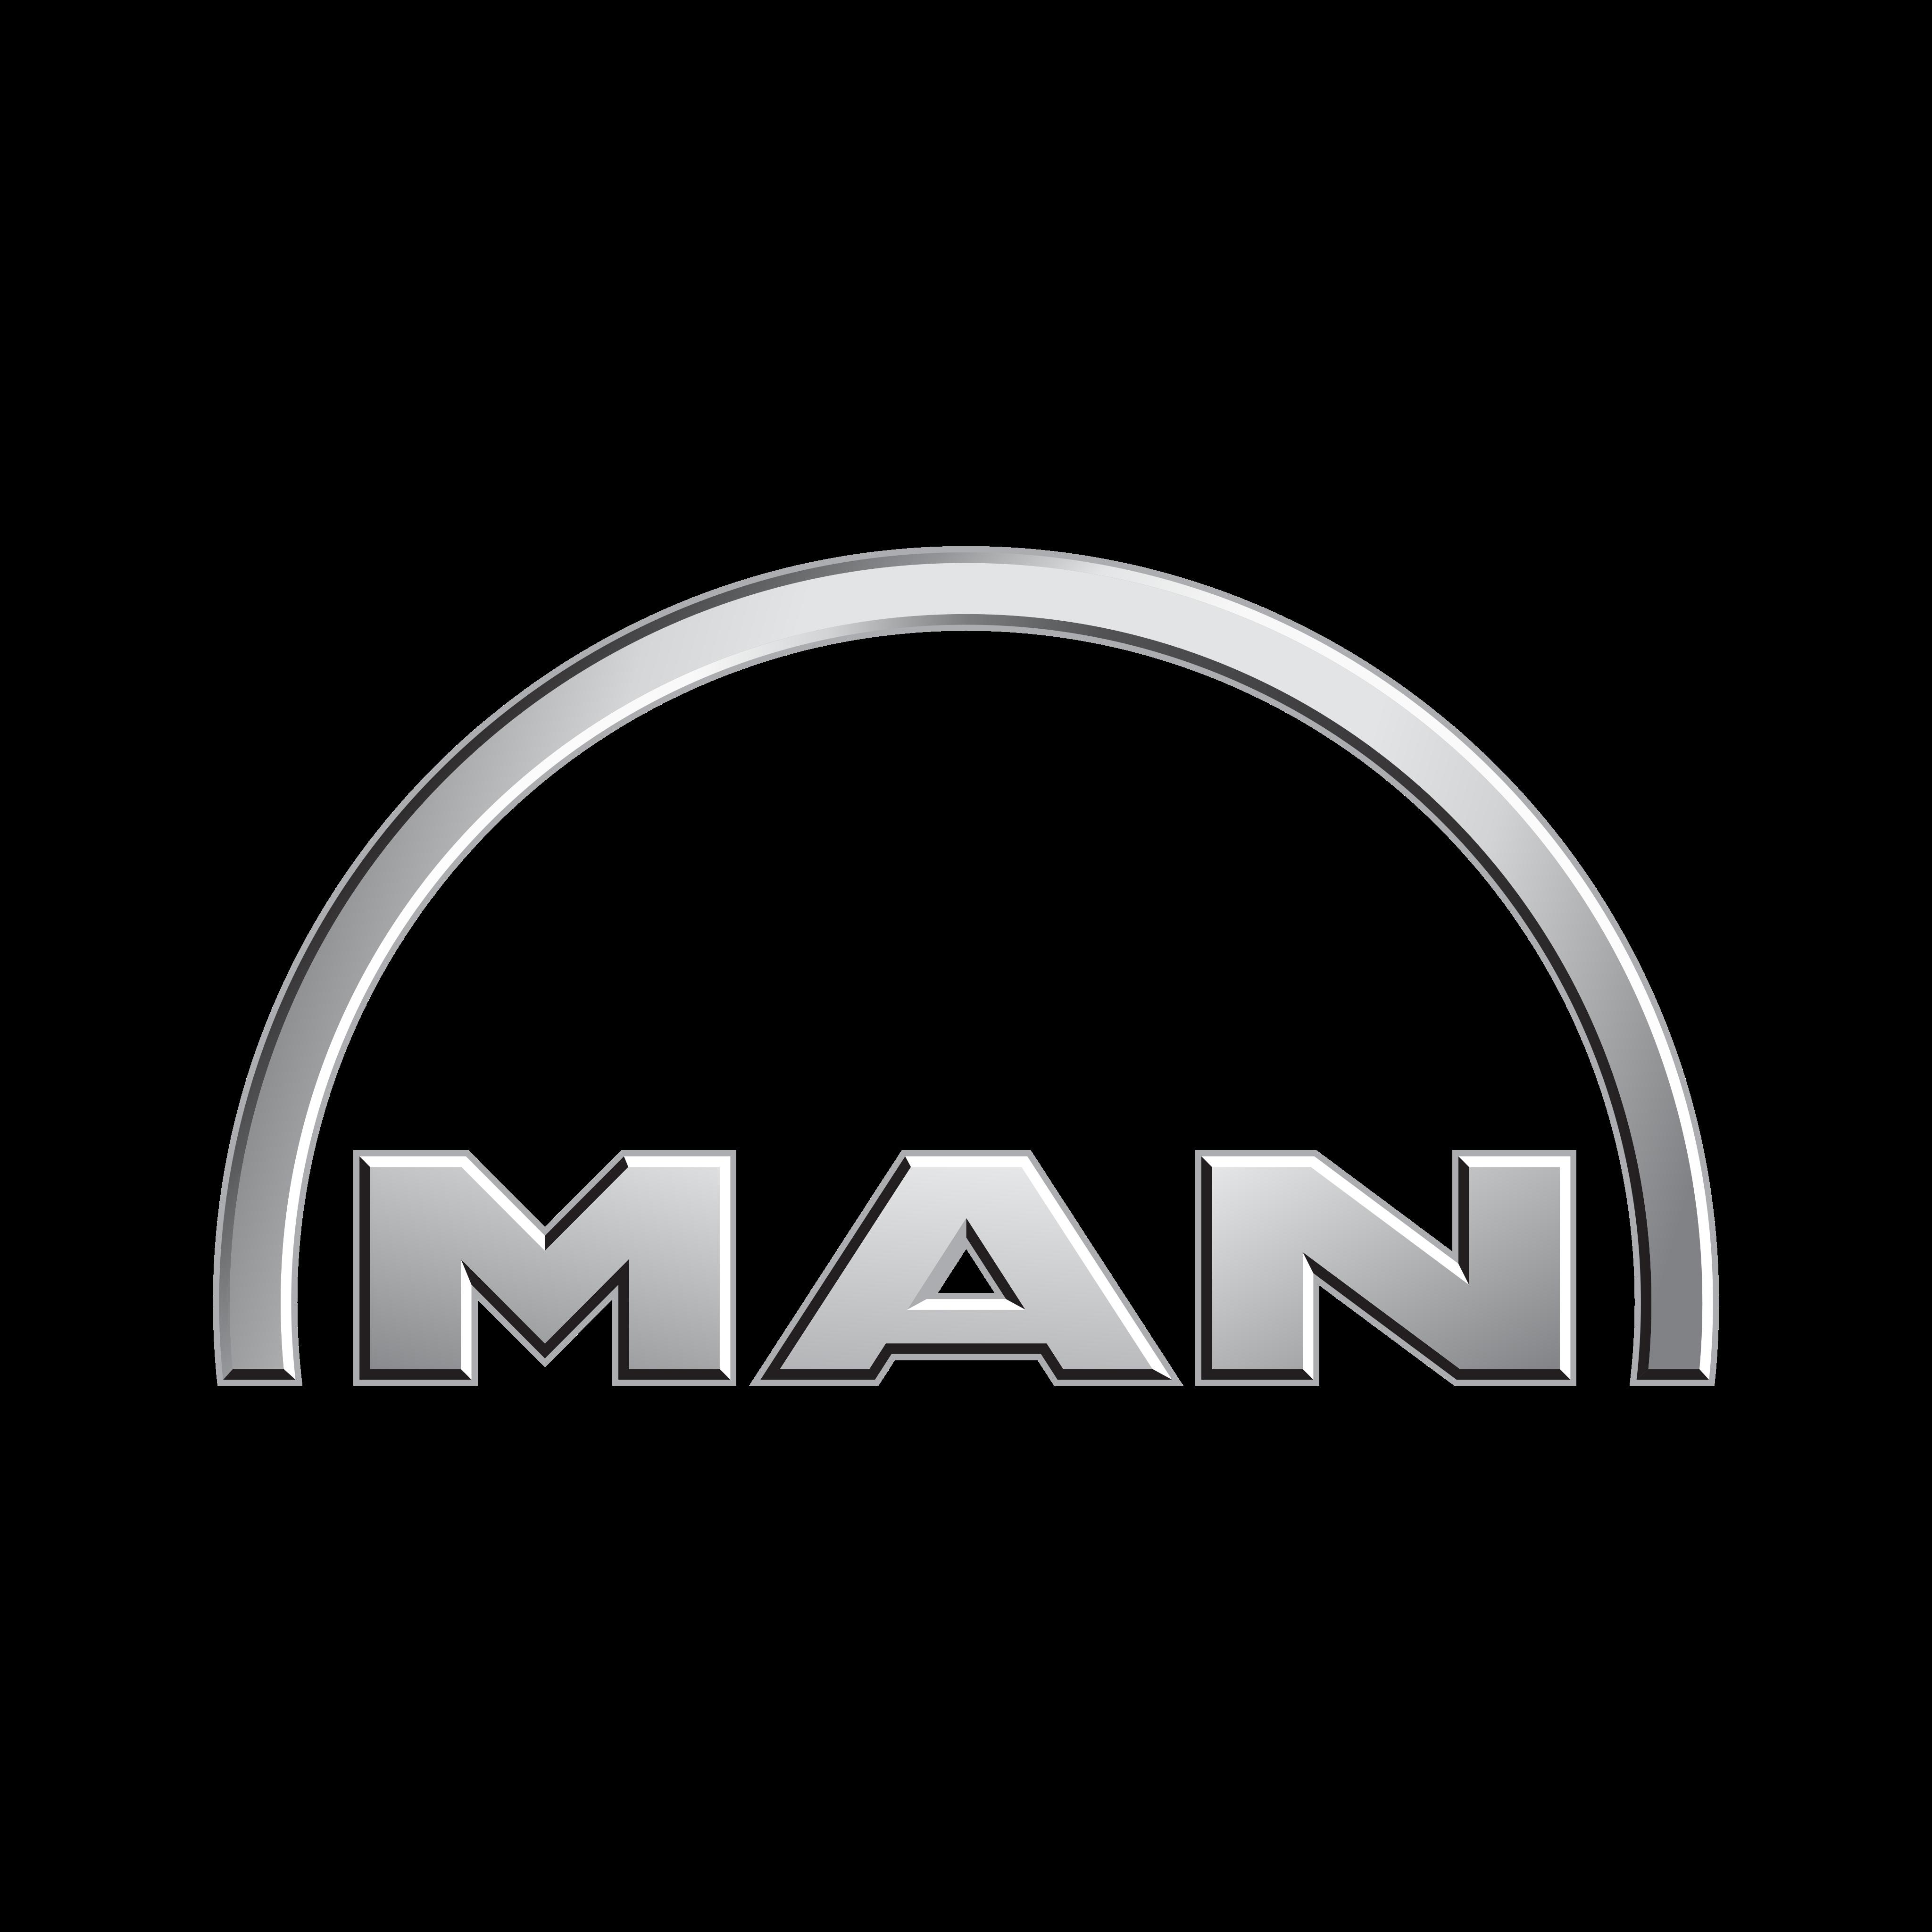 man logo 0 - MAN Logo